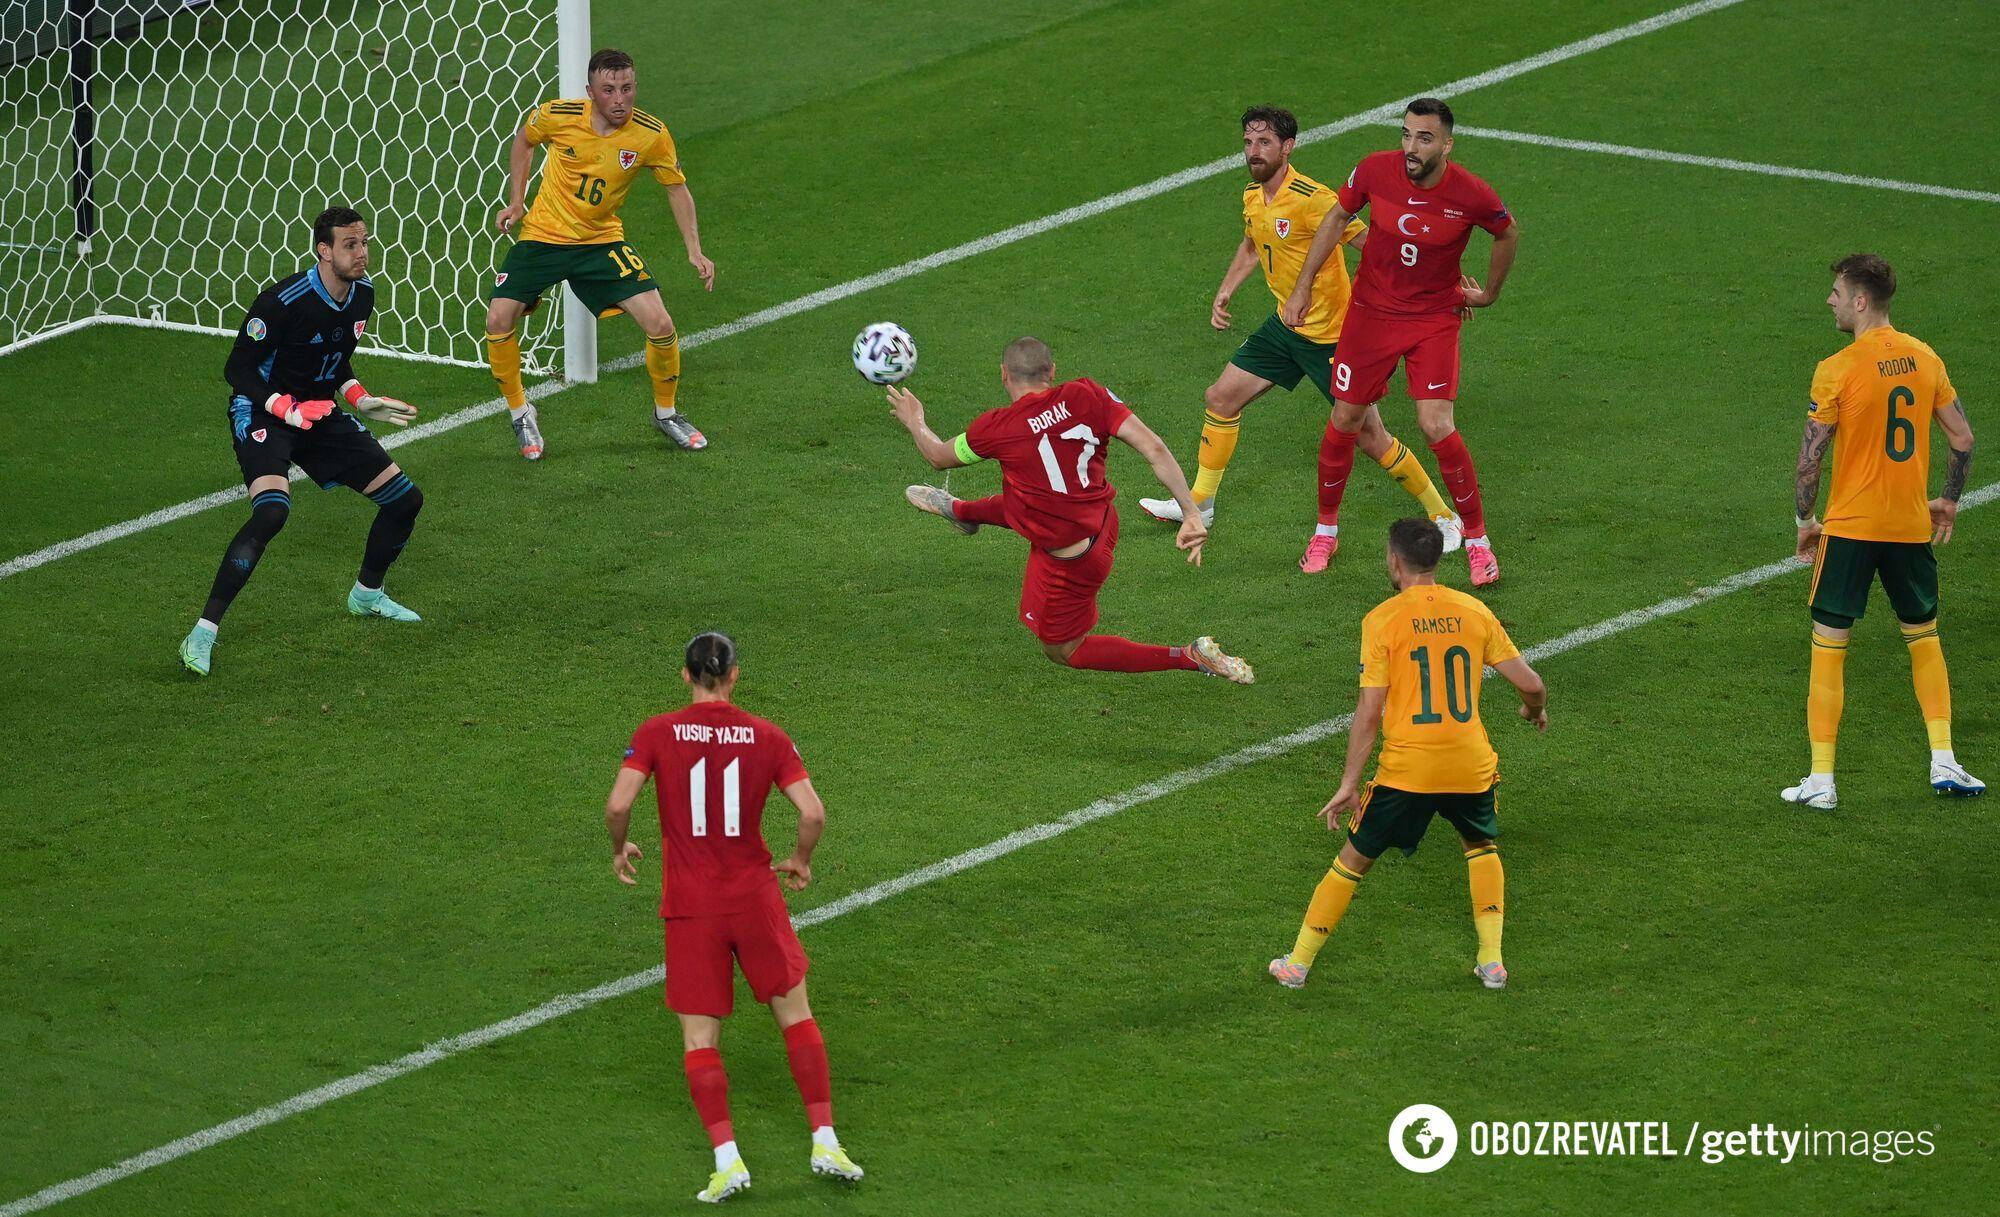 Збірна Туреччини пропустила на останніх секундах другий гол